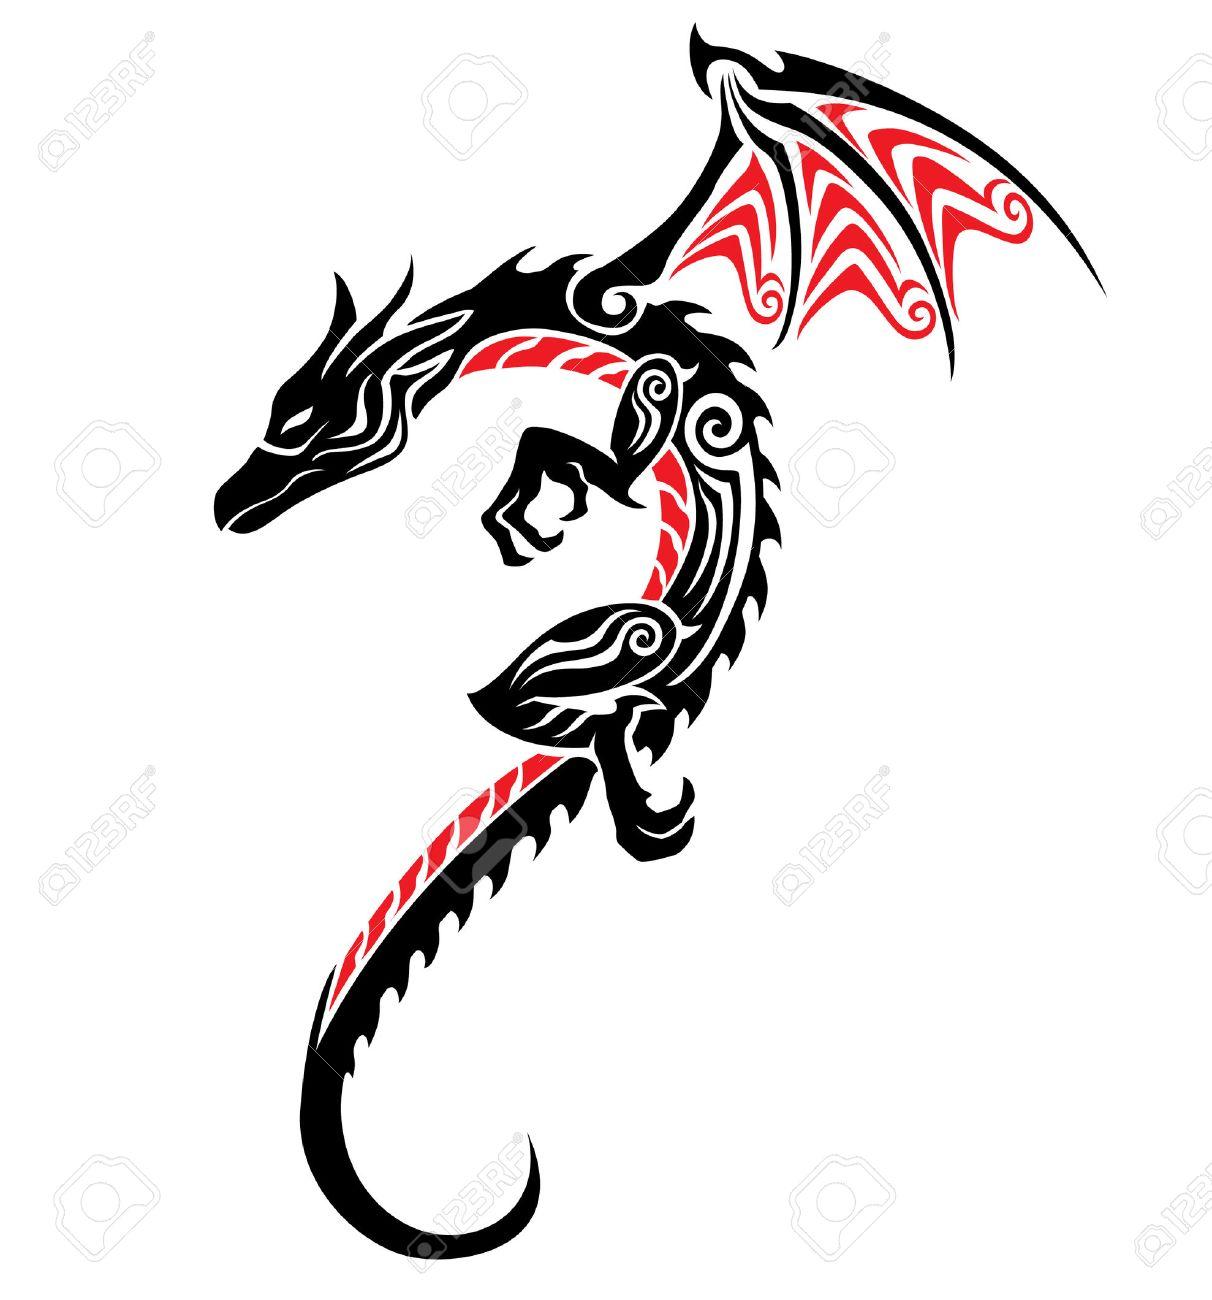 Tribal-Tattoos 5439490-dragon-tribal-tattoo-Stock-Vector